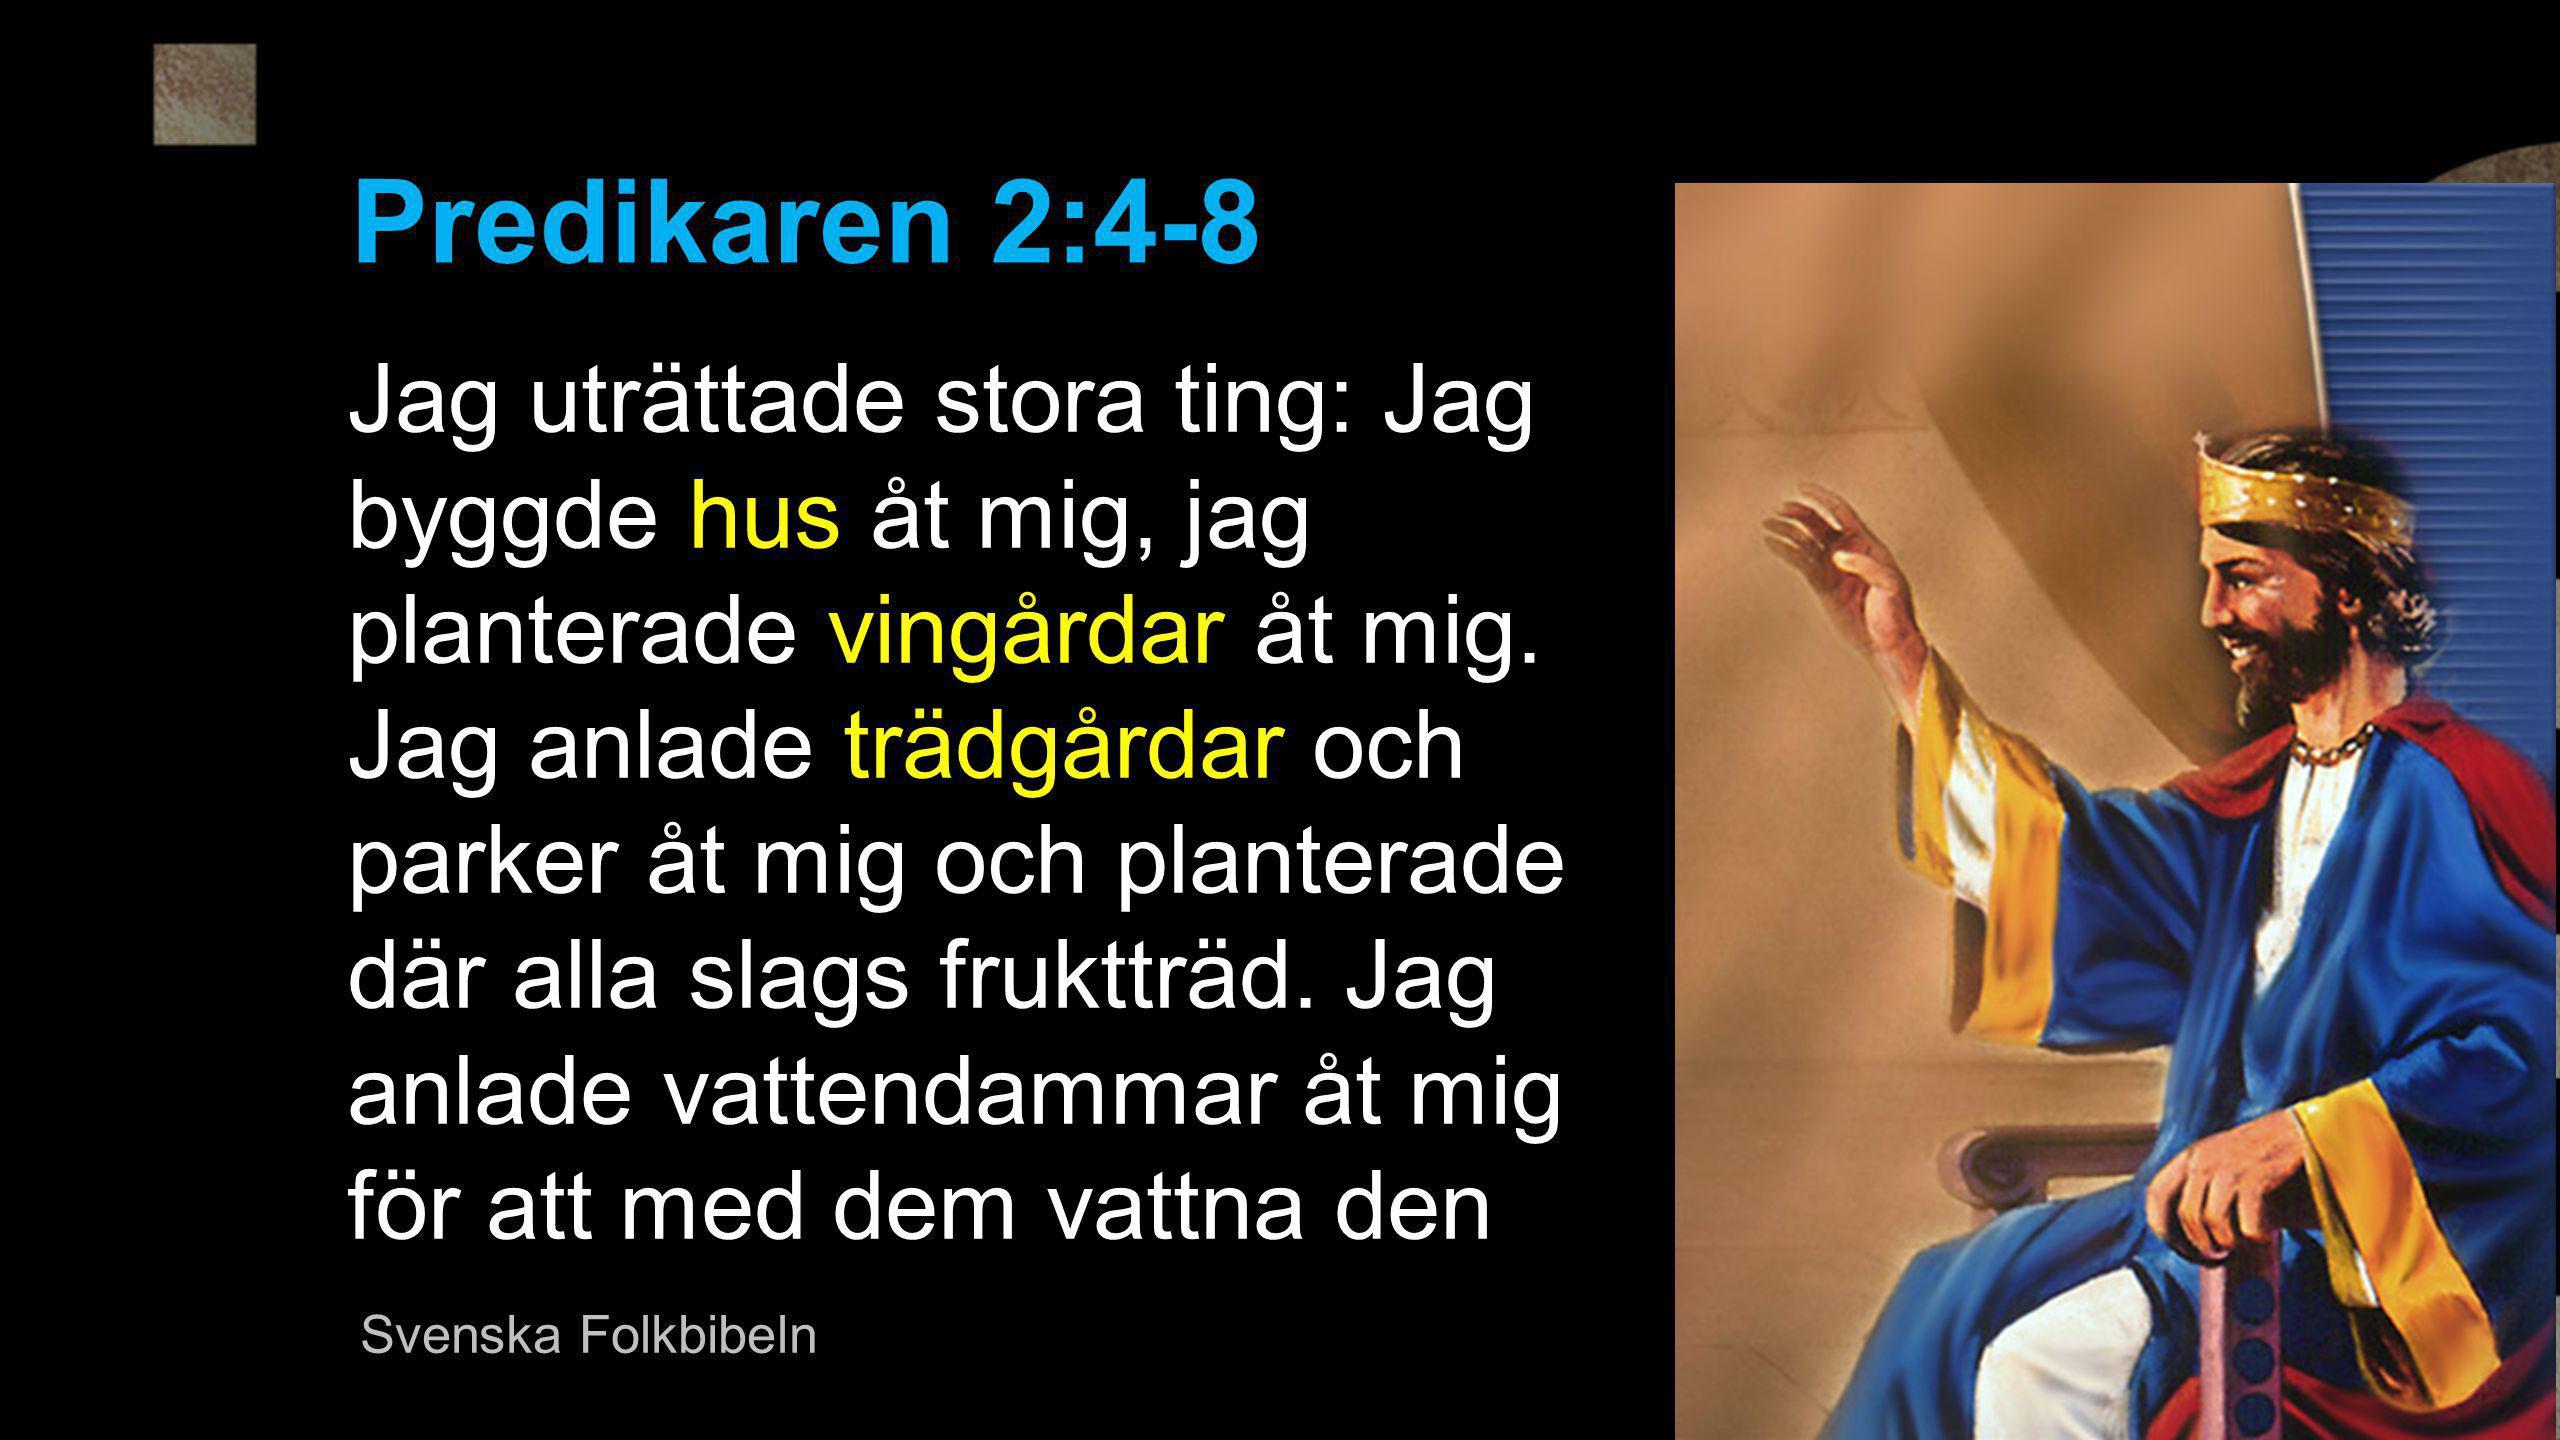 Predikaren 2:4-8